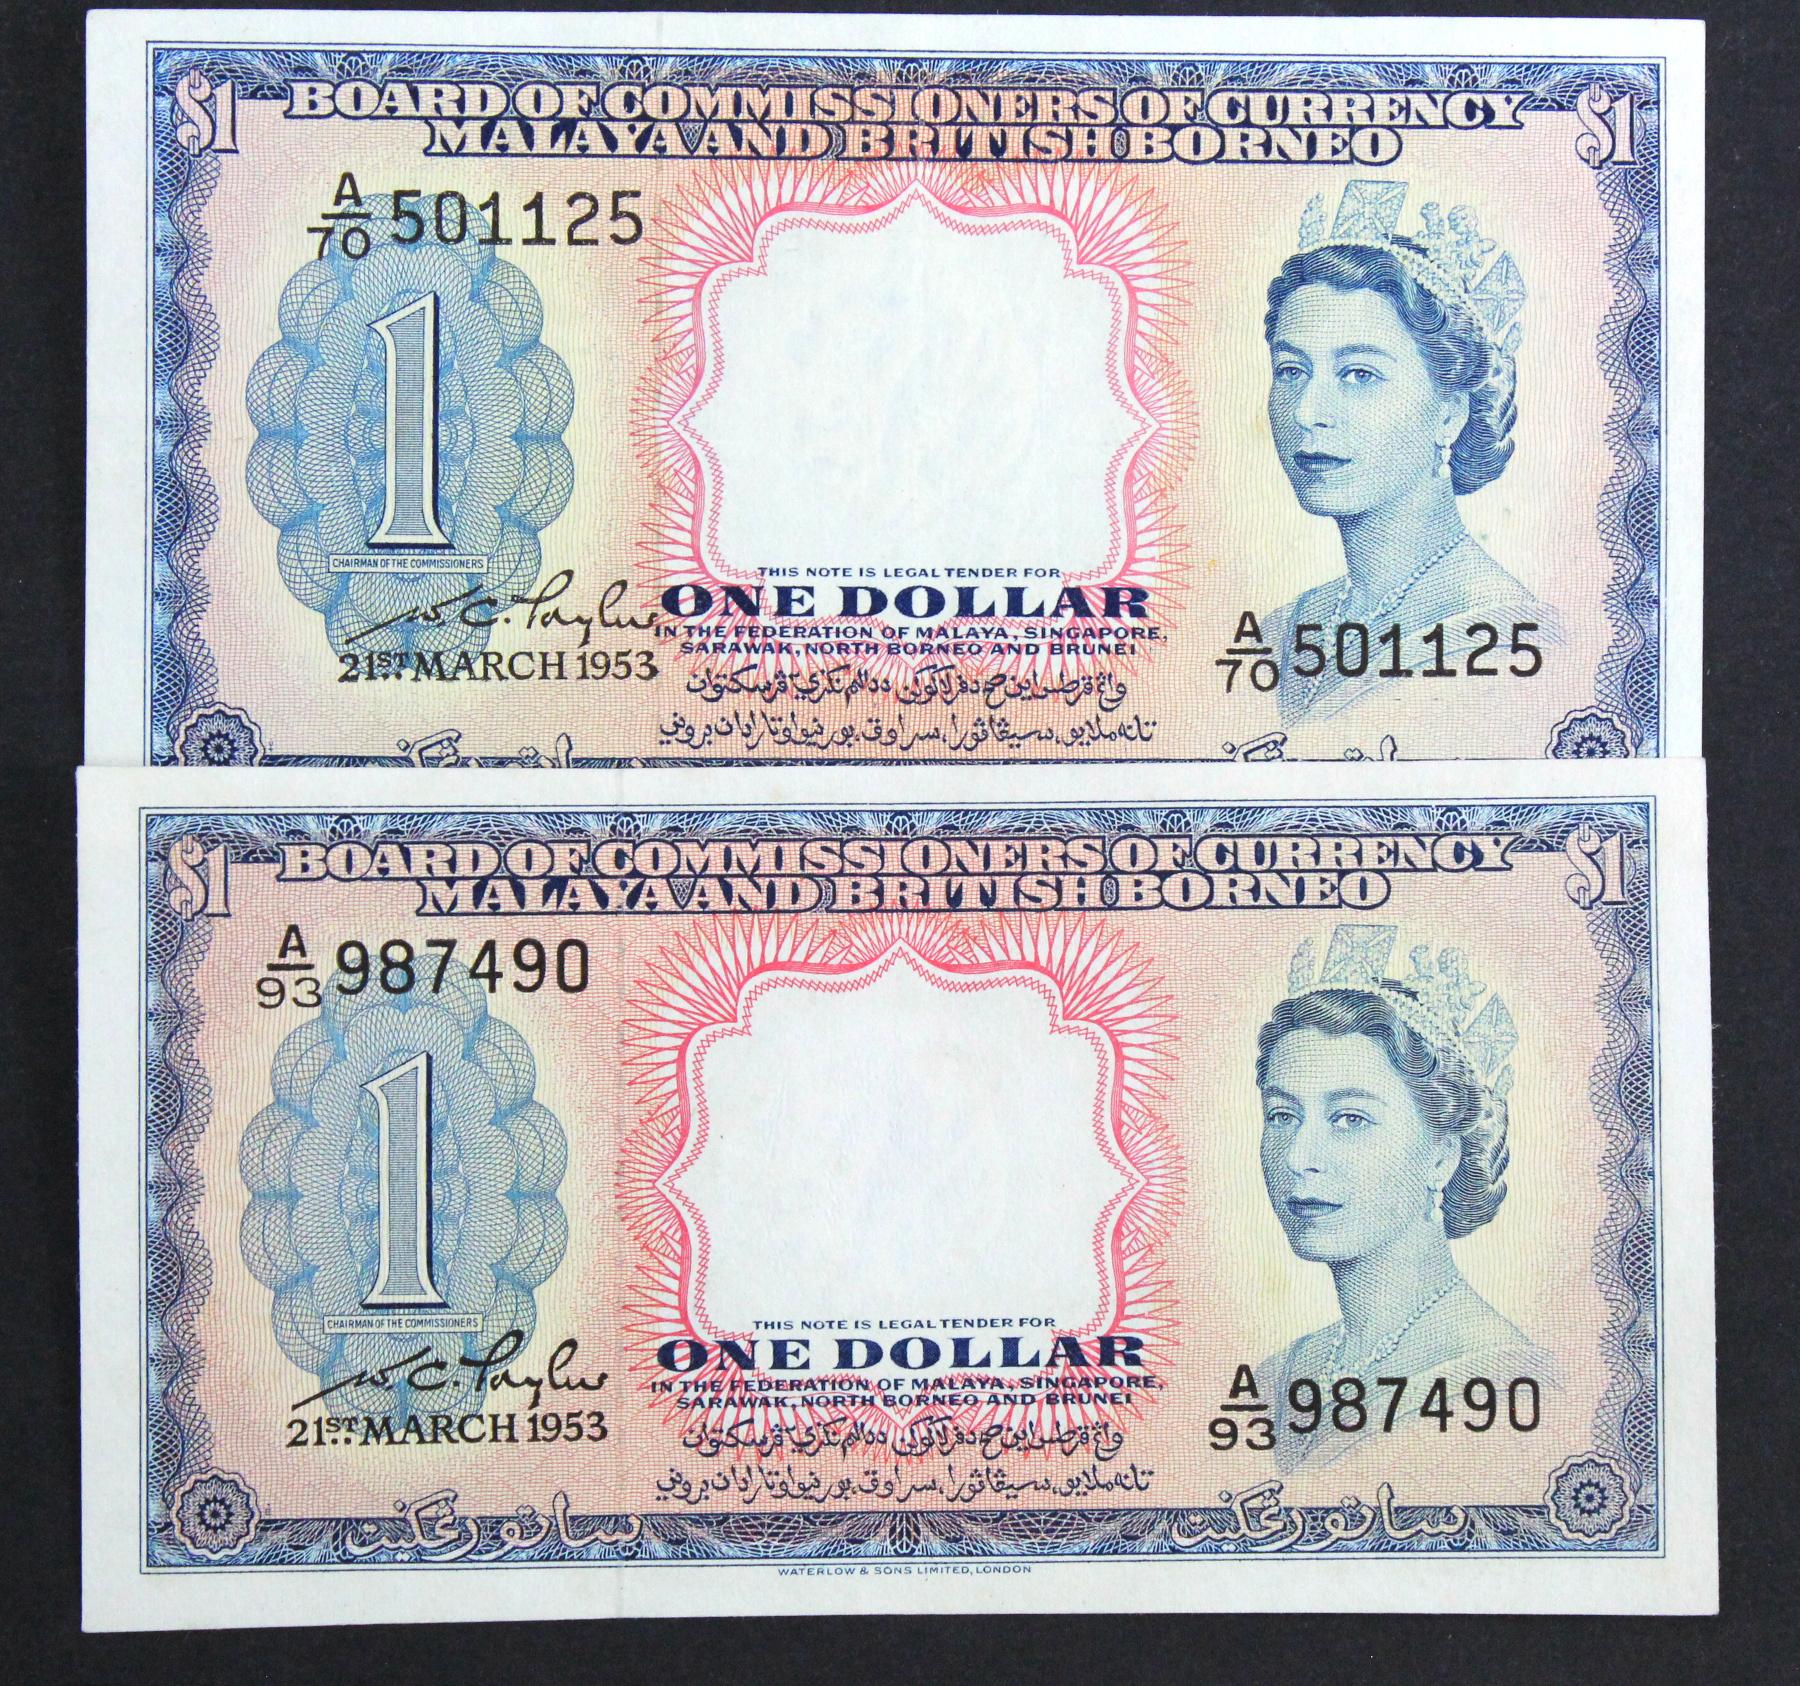 Malaya & British Borneo 1 Dollar (2) dated 21st March 1953, serial A/70 501125 & A/93 987490 (TBB